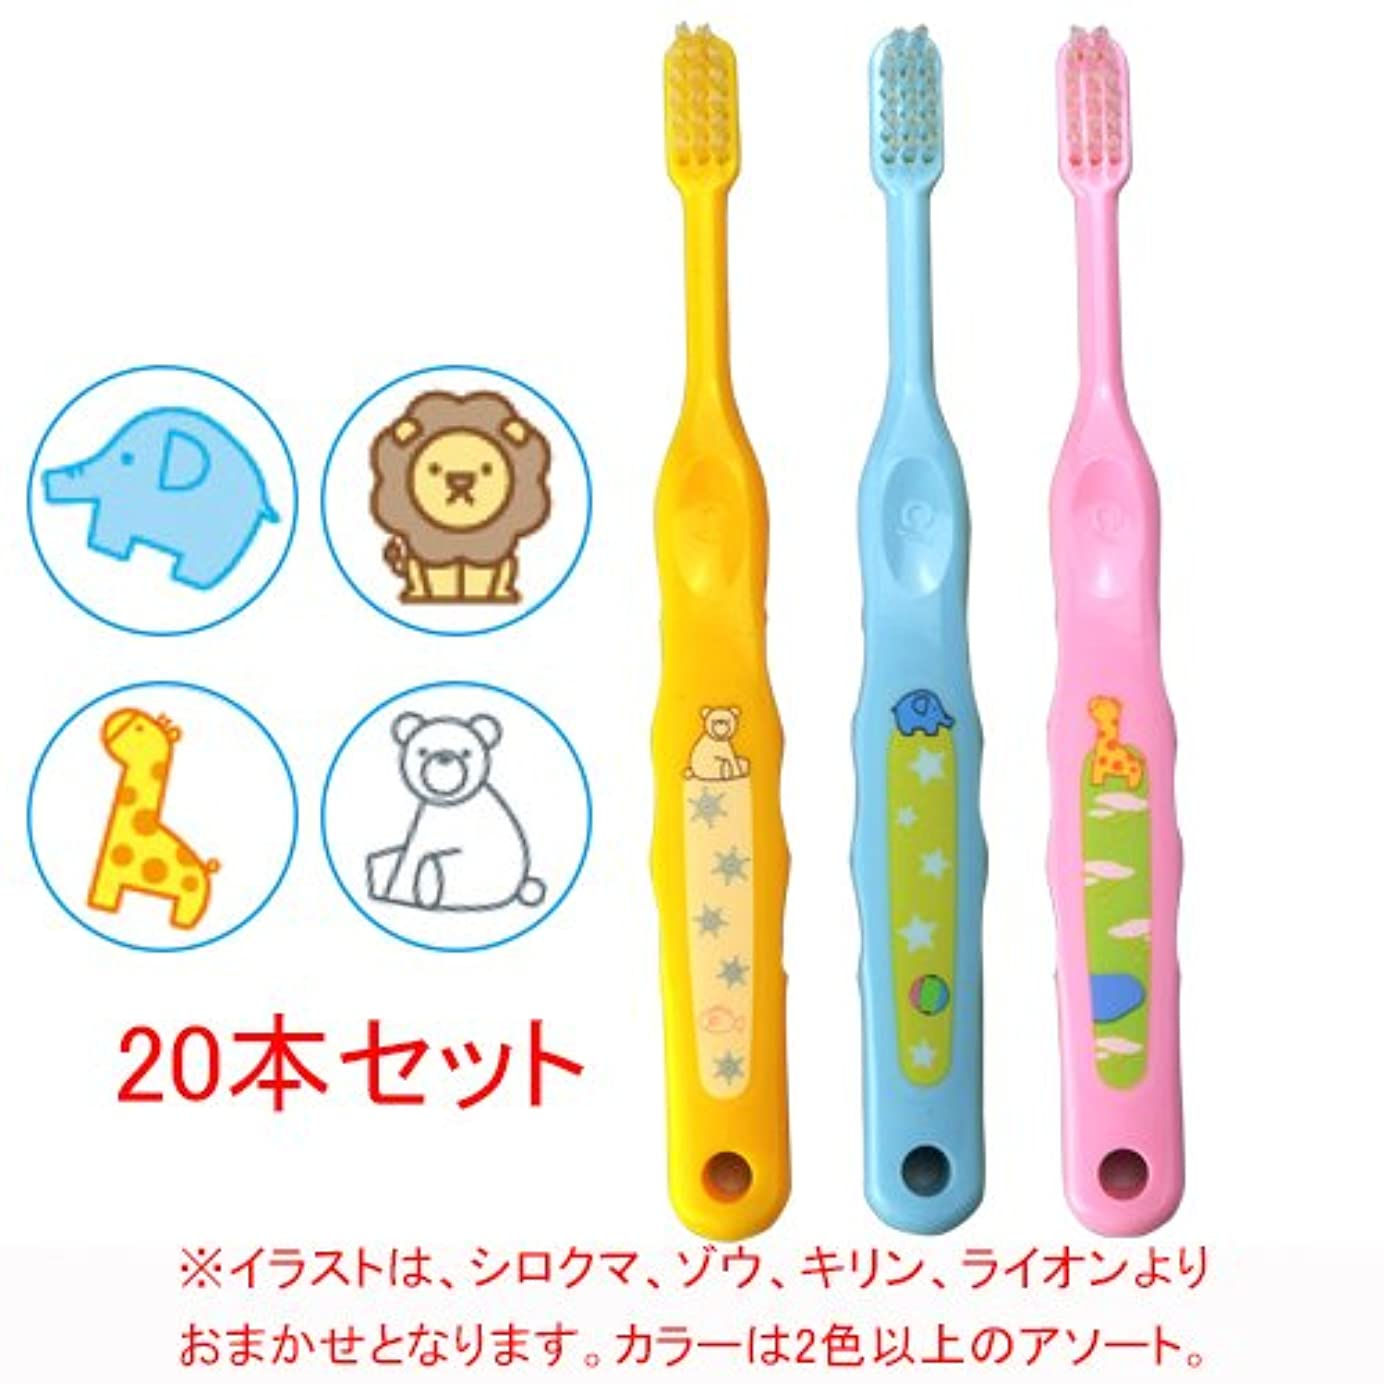 スタイル受粉する魔術師Ciメディカル Ci なまえ歯ブラシ 503 (やわらかめ) (乳児~小学生向)×20本